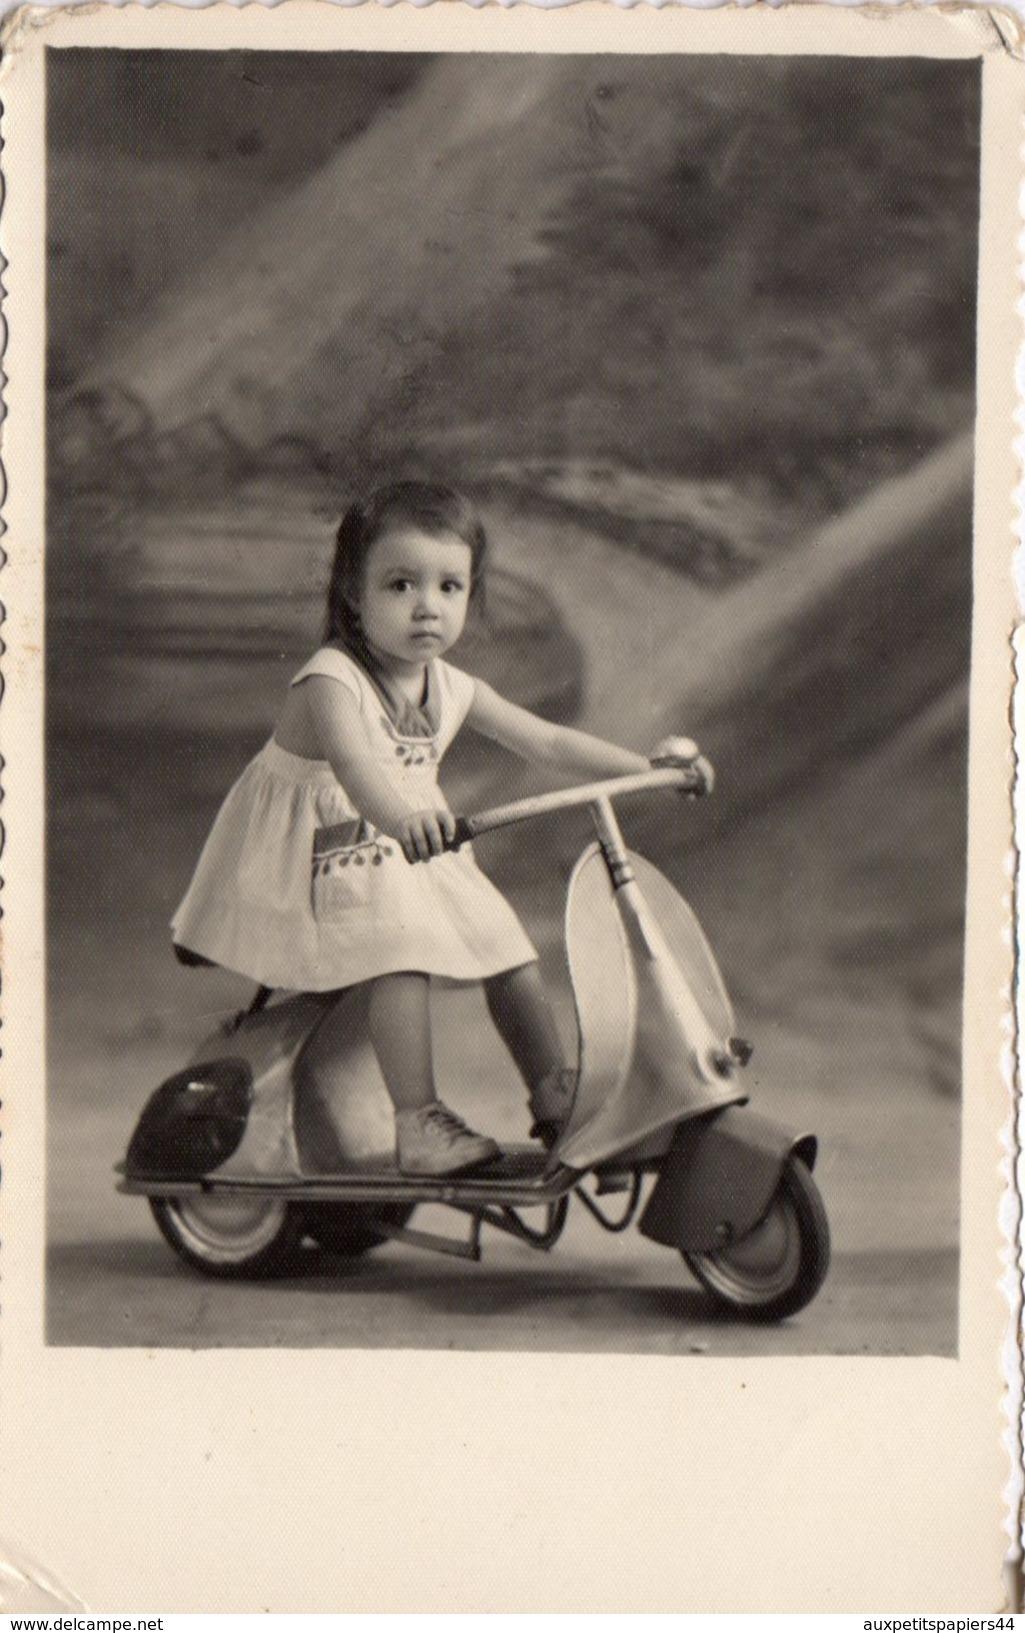 Photo Originale Jeu & Jouet - Splendide Scooter Vespa Pour Enfant, Piloté Par Une Jolie Petite Fille En Studio - Objects